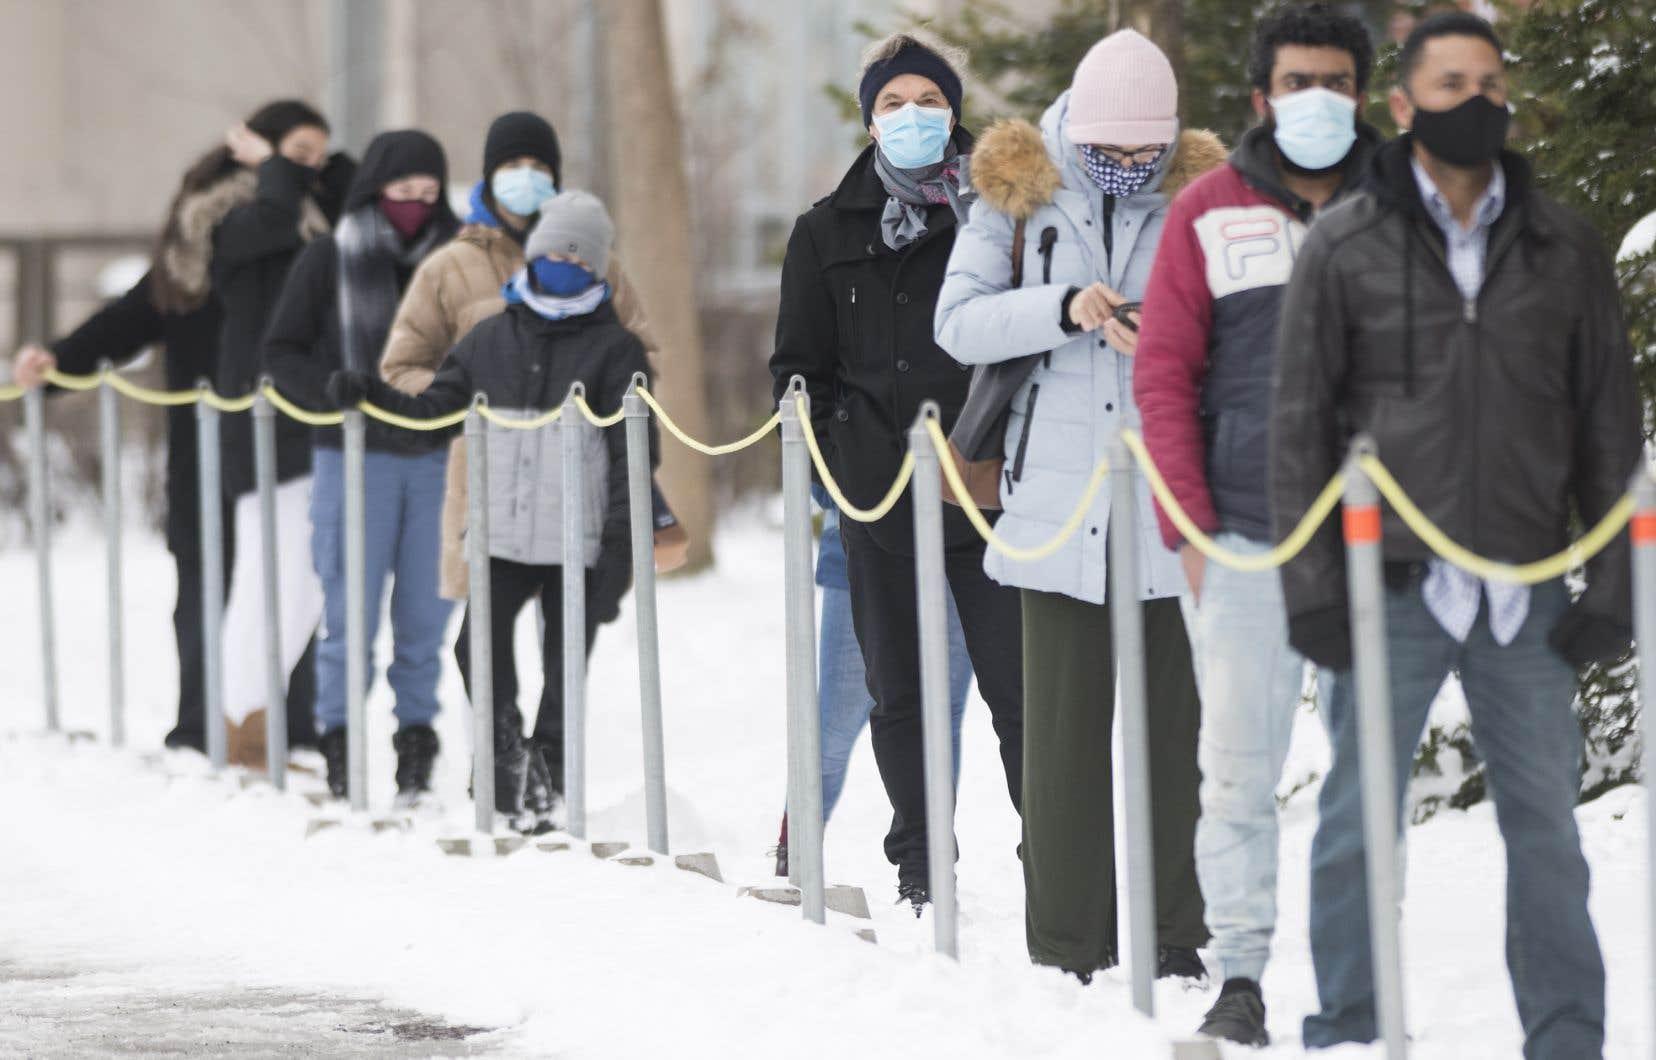 Québec a signalé lundi 1203 nouveaux cas de COVID-19 dans la province. Sur la photo, une file d'attente à l'extérieur d'une clinique de dépistage, à Montréal.